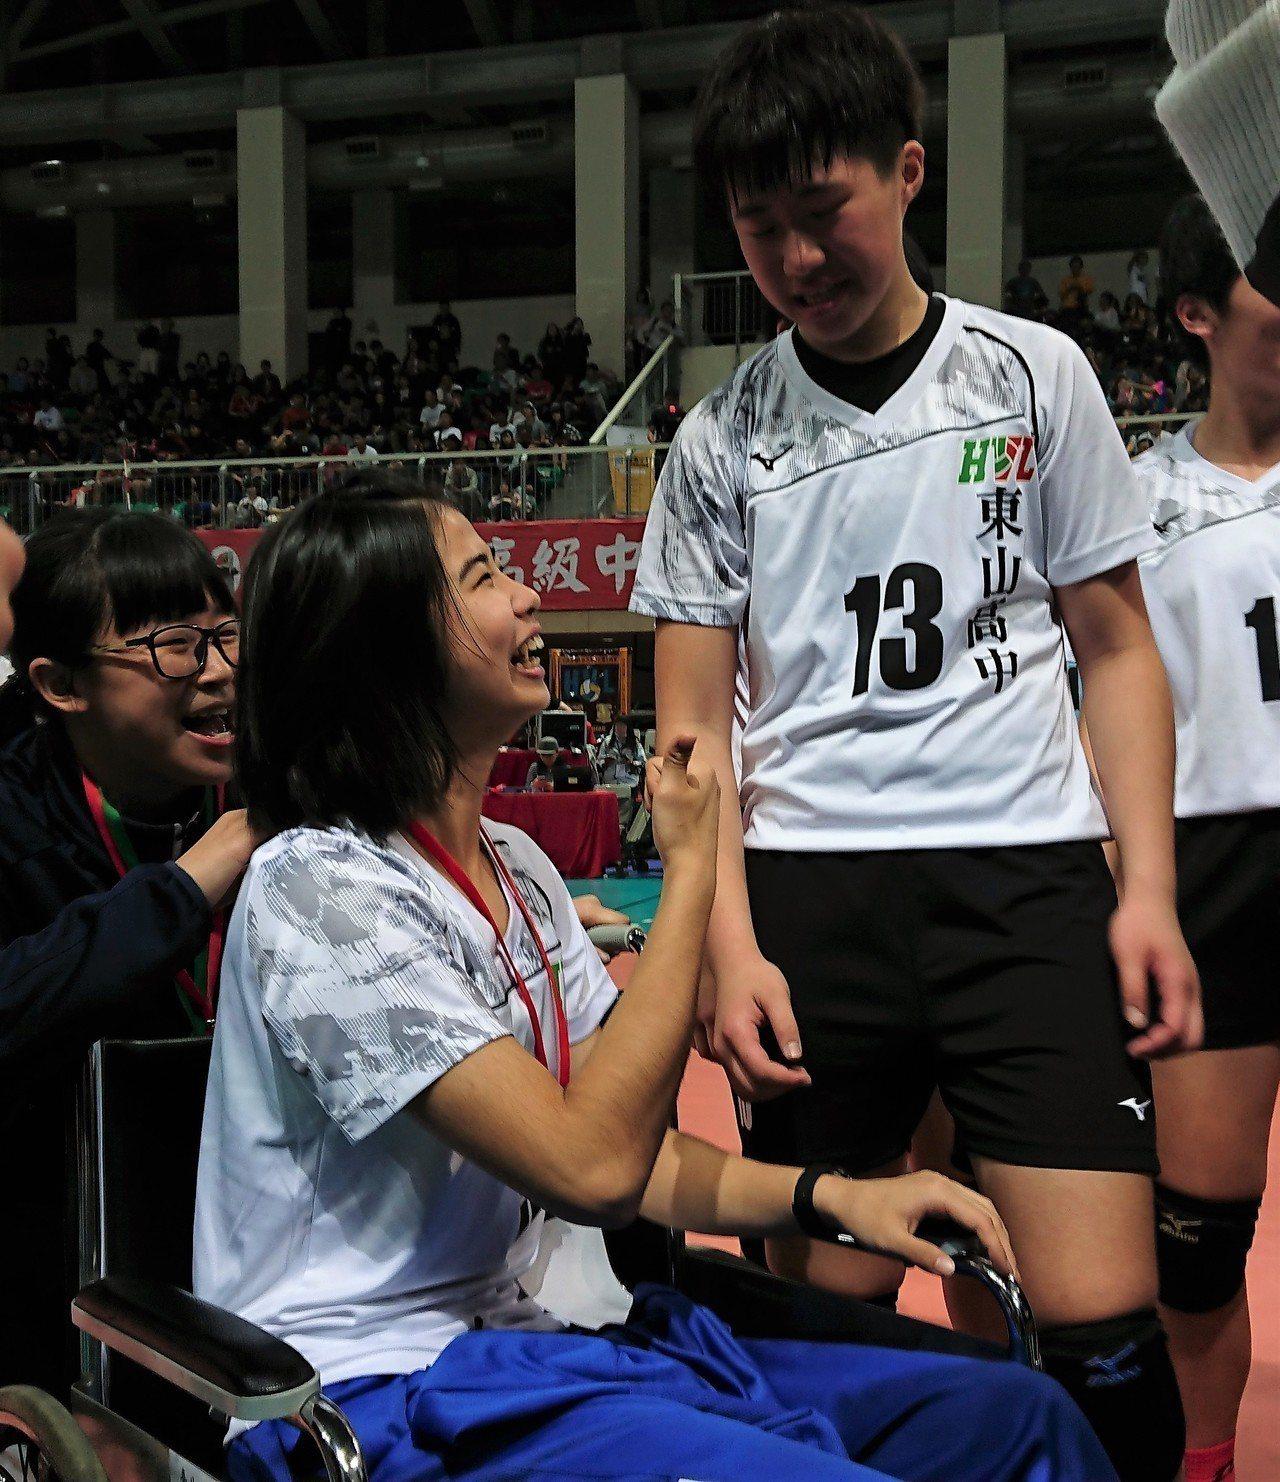 鍾乙禎(右)完成和陳昱潔(左)的約定,率隊守住勝利,並告訴她說:「我們幫妳贏回來...